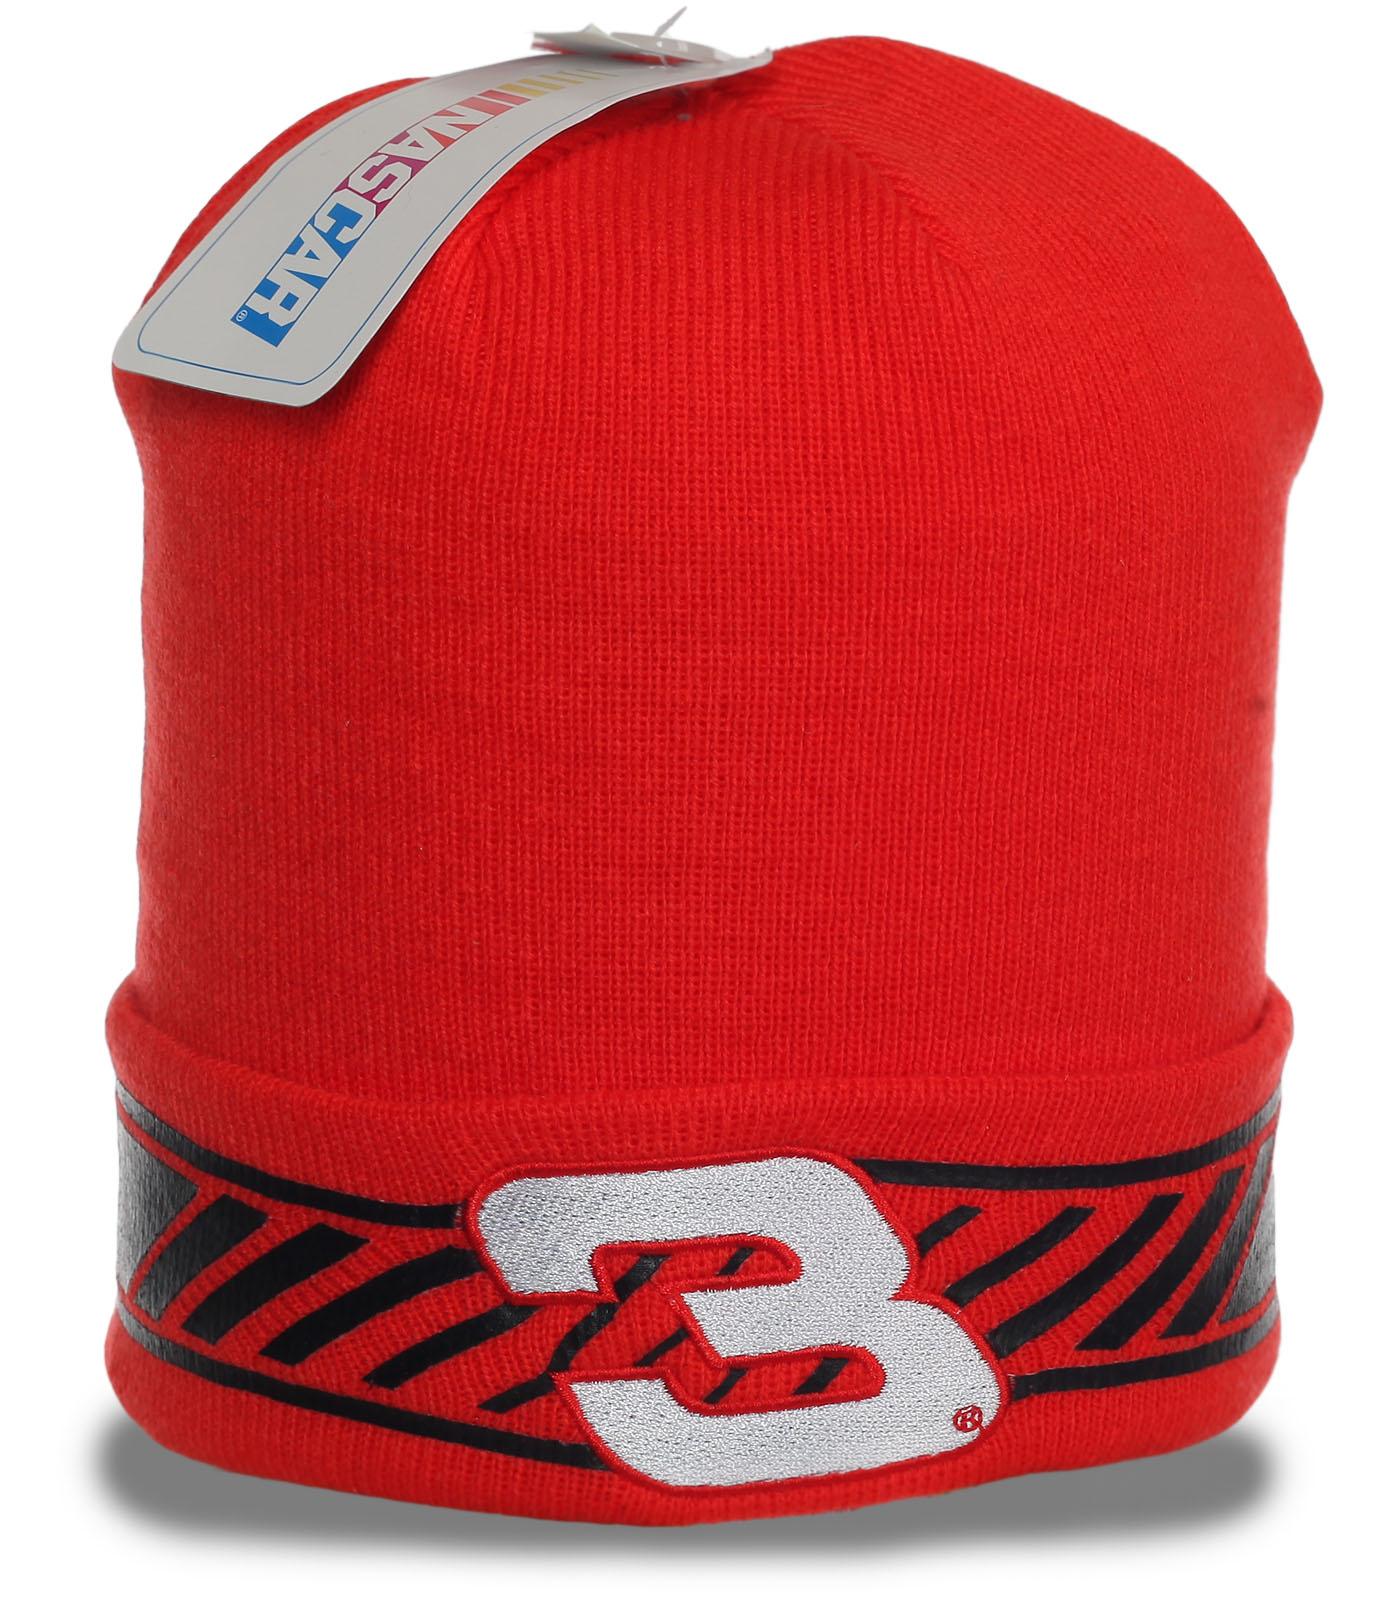 Спортивная яркая мужская шапка с отворотом отличный выбор для ценителей качества